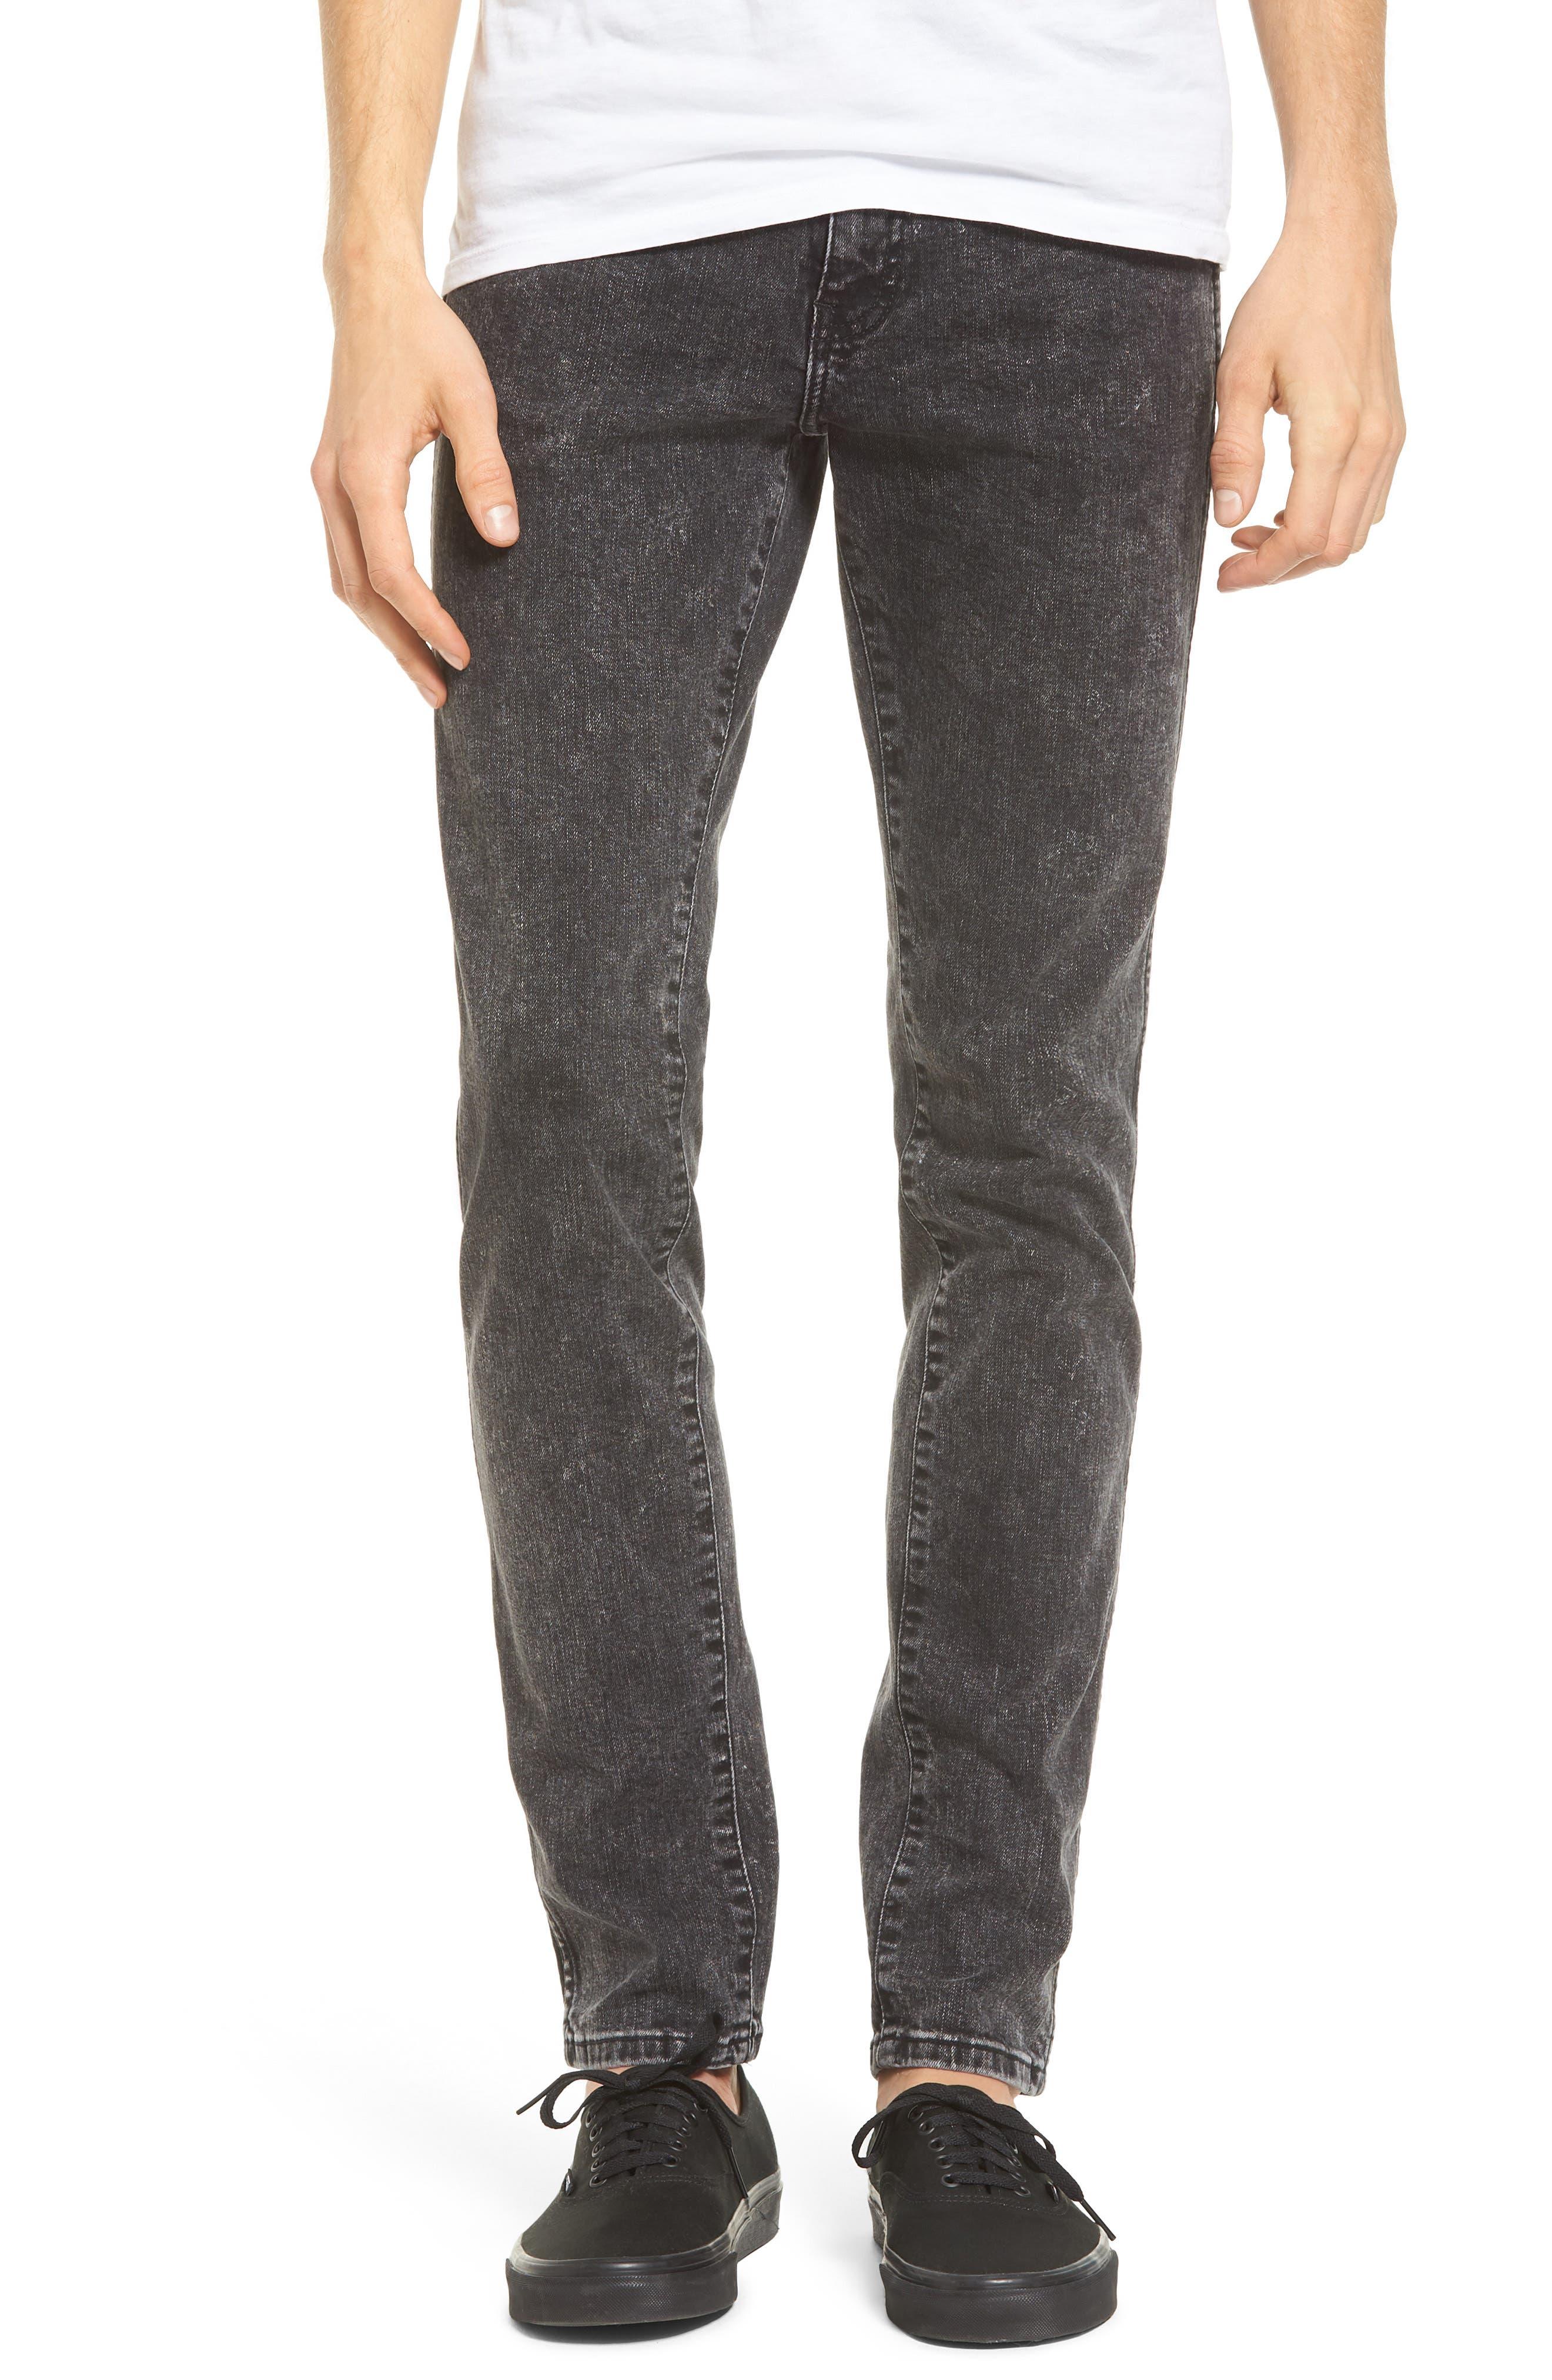 Alternate Image 1 Selected - Dr. Denim Supply Co. Snap Skinny Fit Jeans (Acid Black)